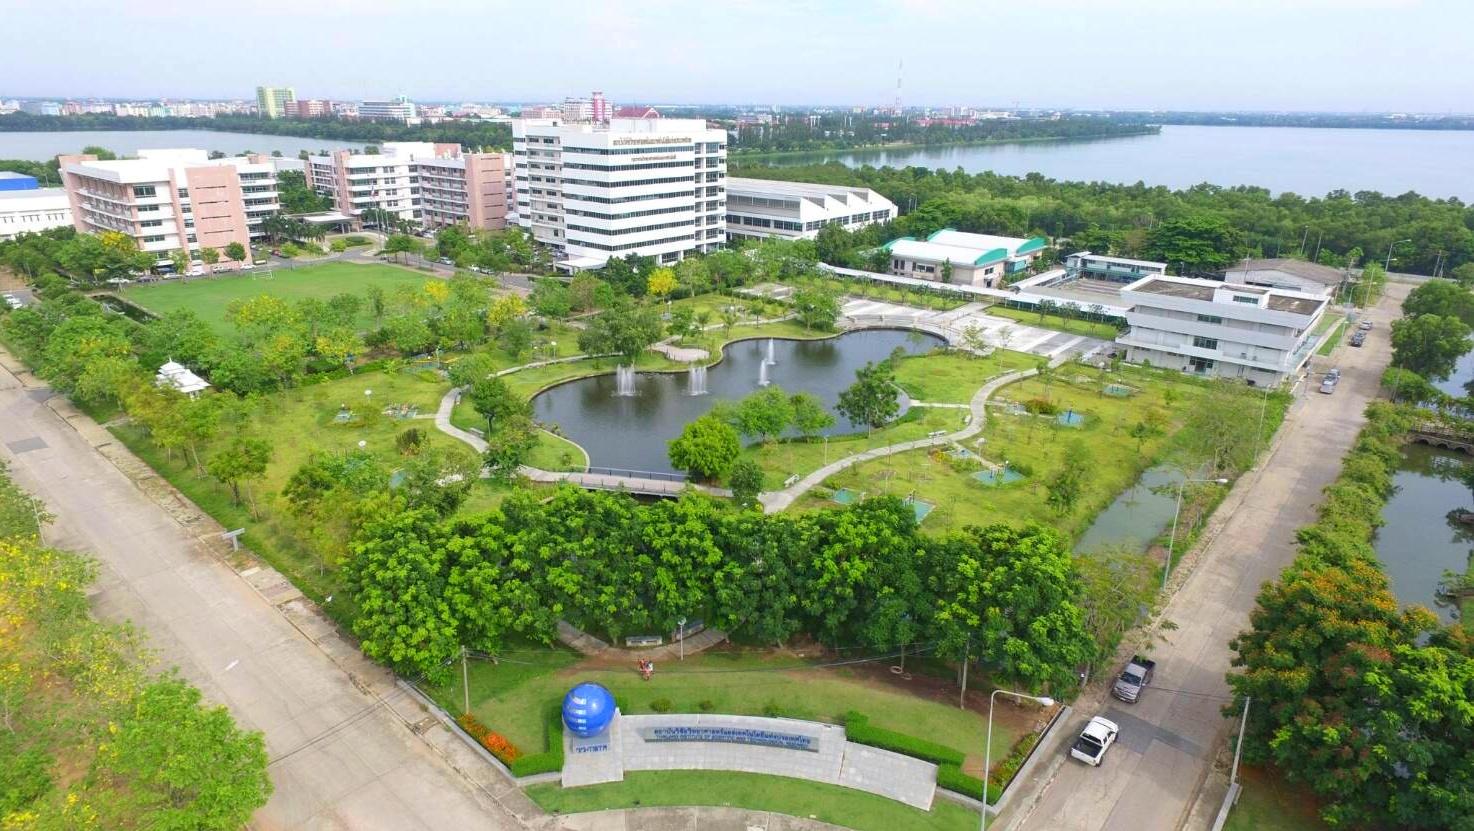 สถาบันวิจัยวิทยาศาสตร์และเทคโนโลยีแห่ง ประเทศไทย